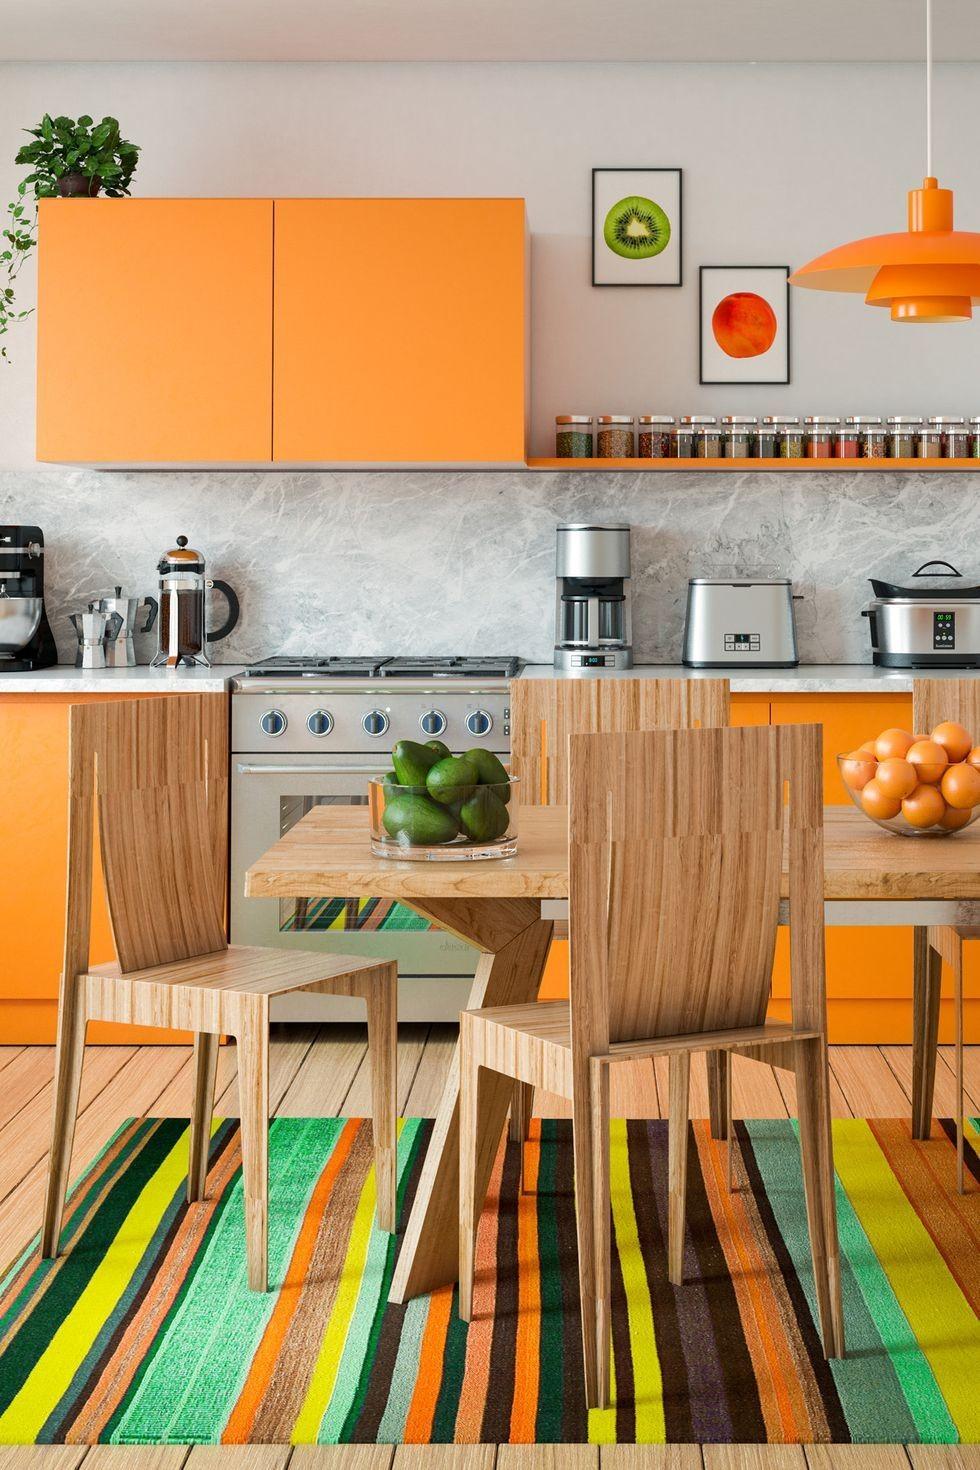 بالصور ديكورات للمطبخ باللون البرتقالي-وحدات وحوائط المطبخ